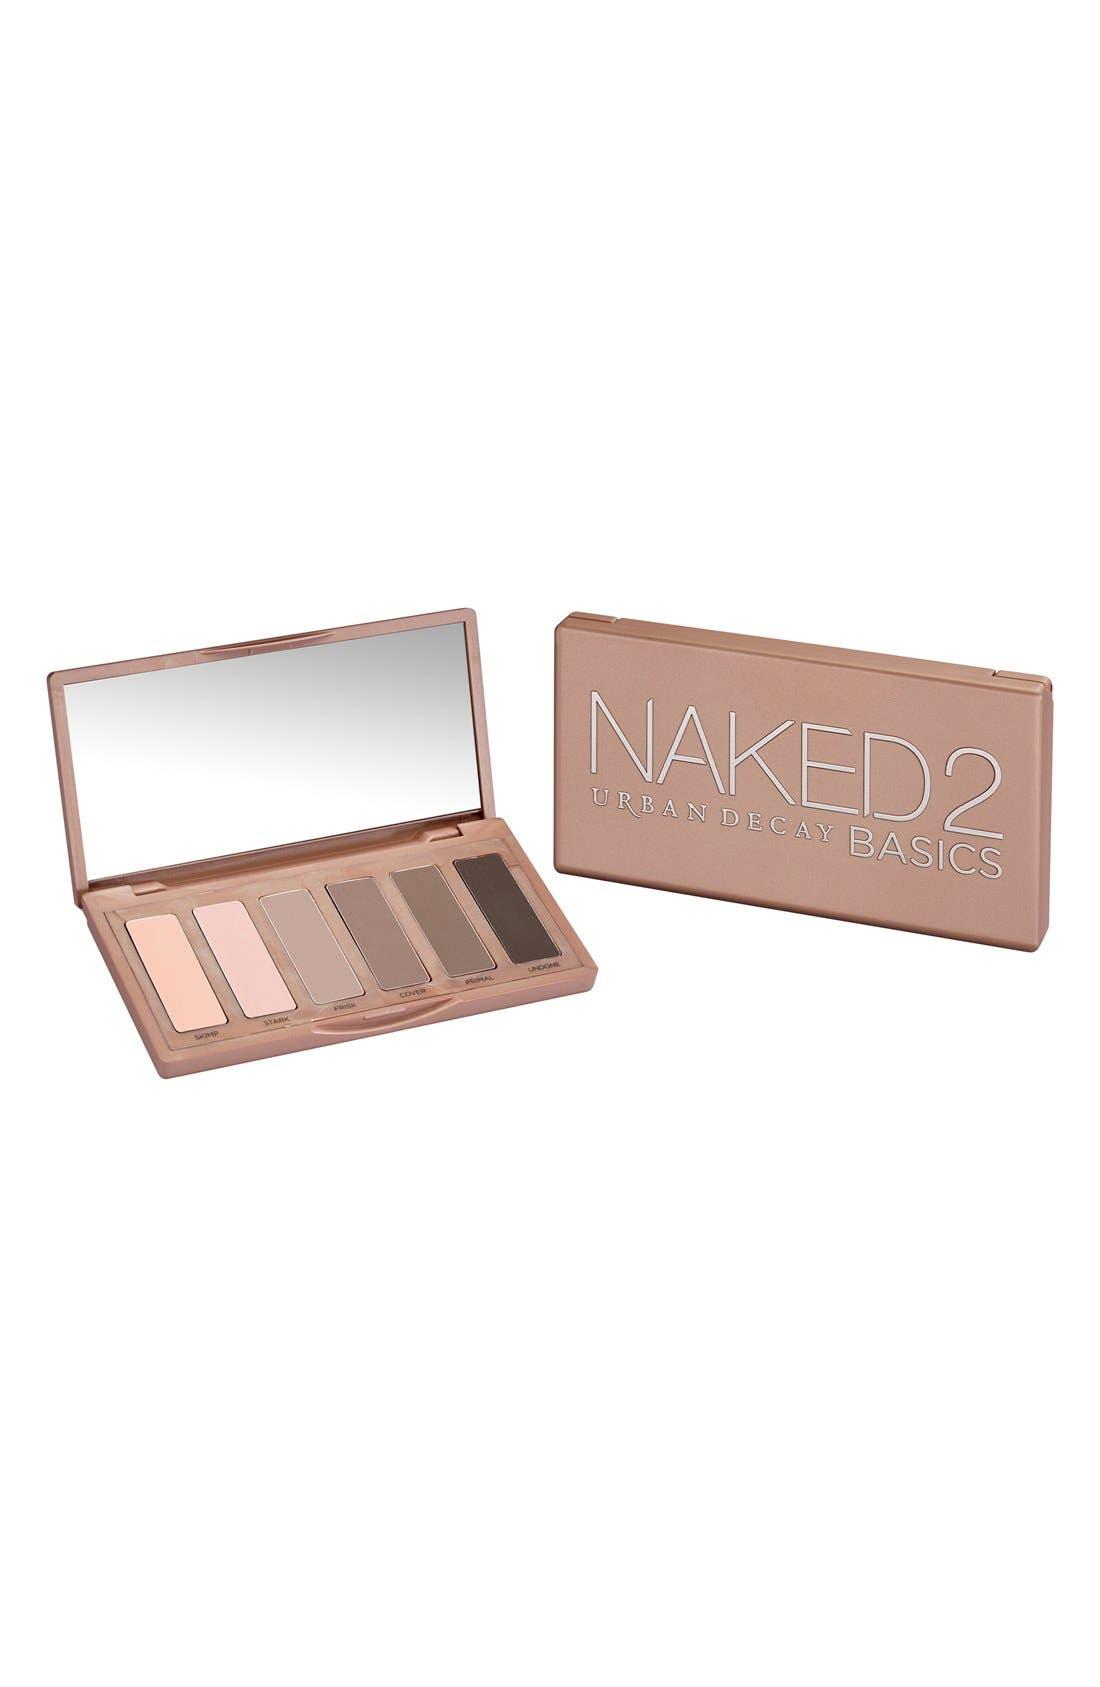 Naked2 Basics Palette,                             Alternate thumbnail 4, color,                             200